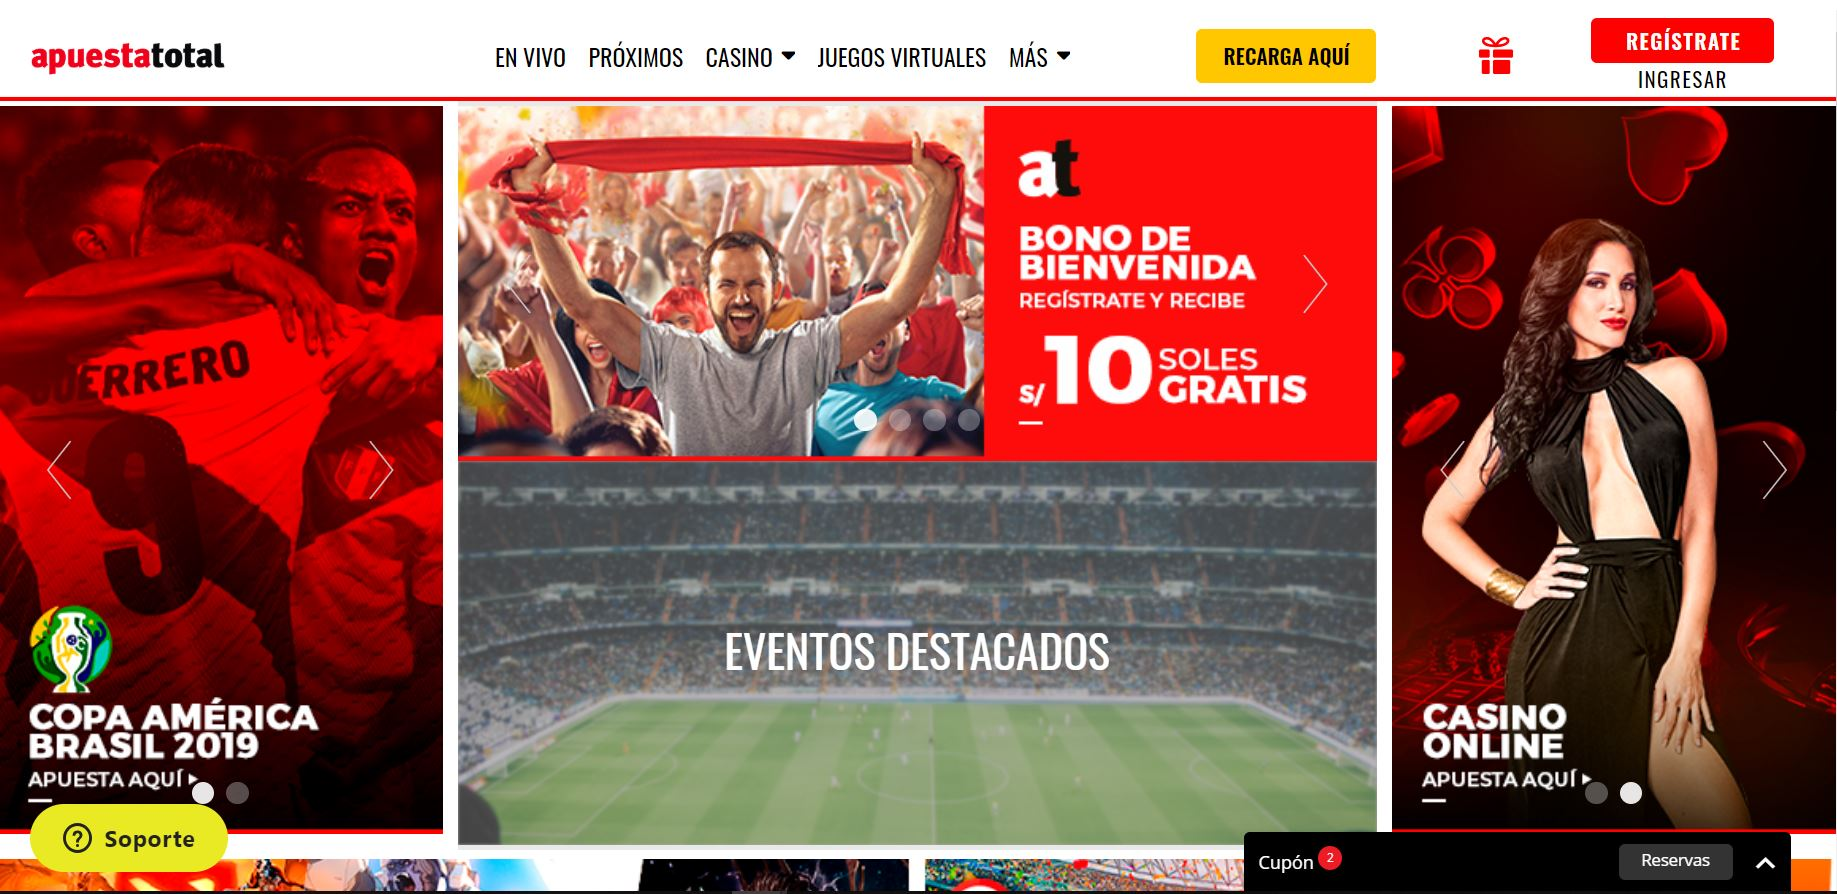 Apuesta total apuestas online Perú